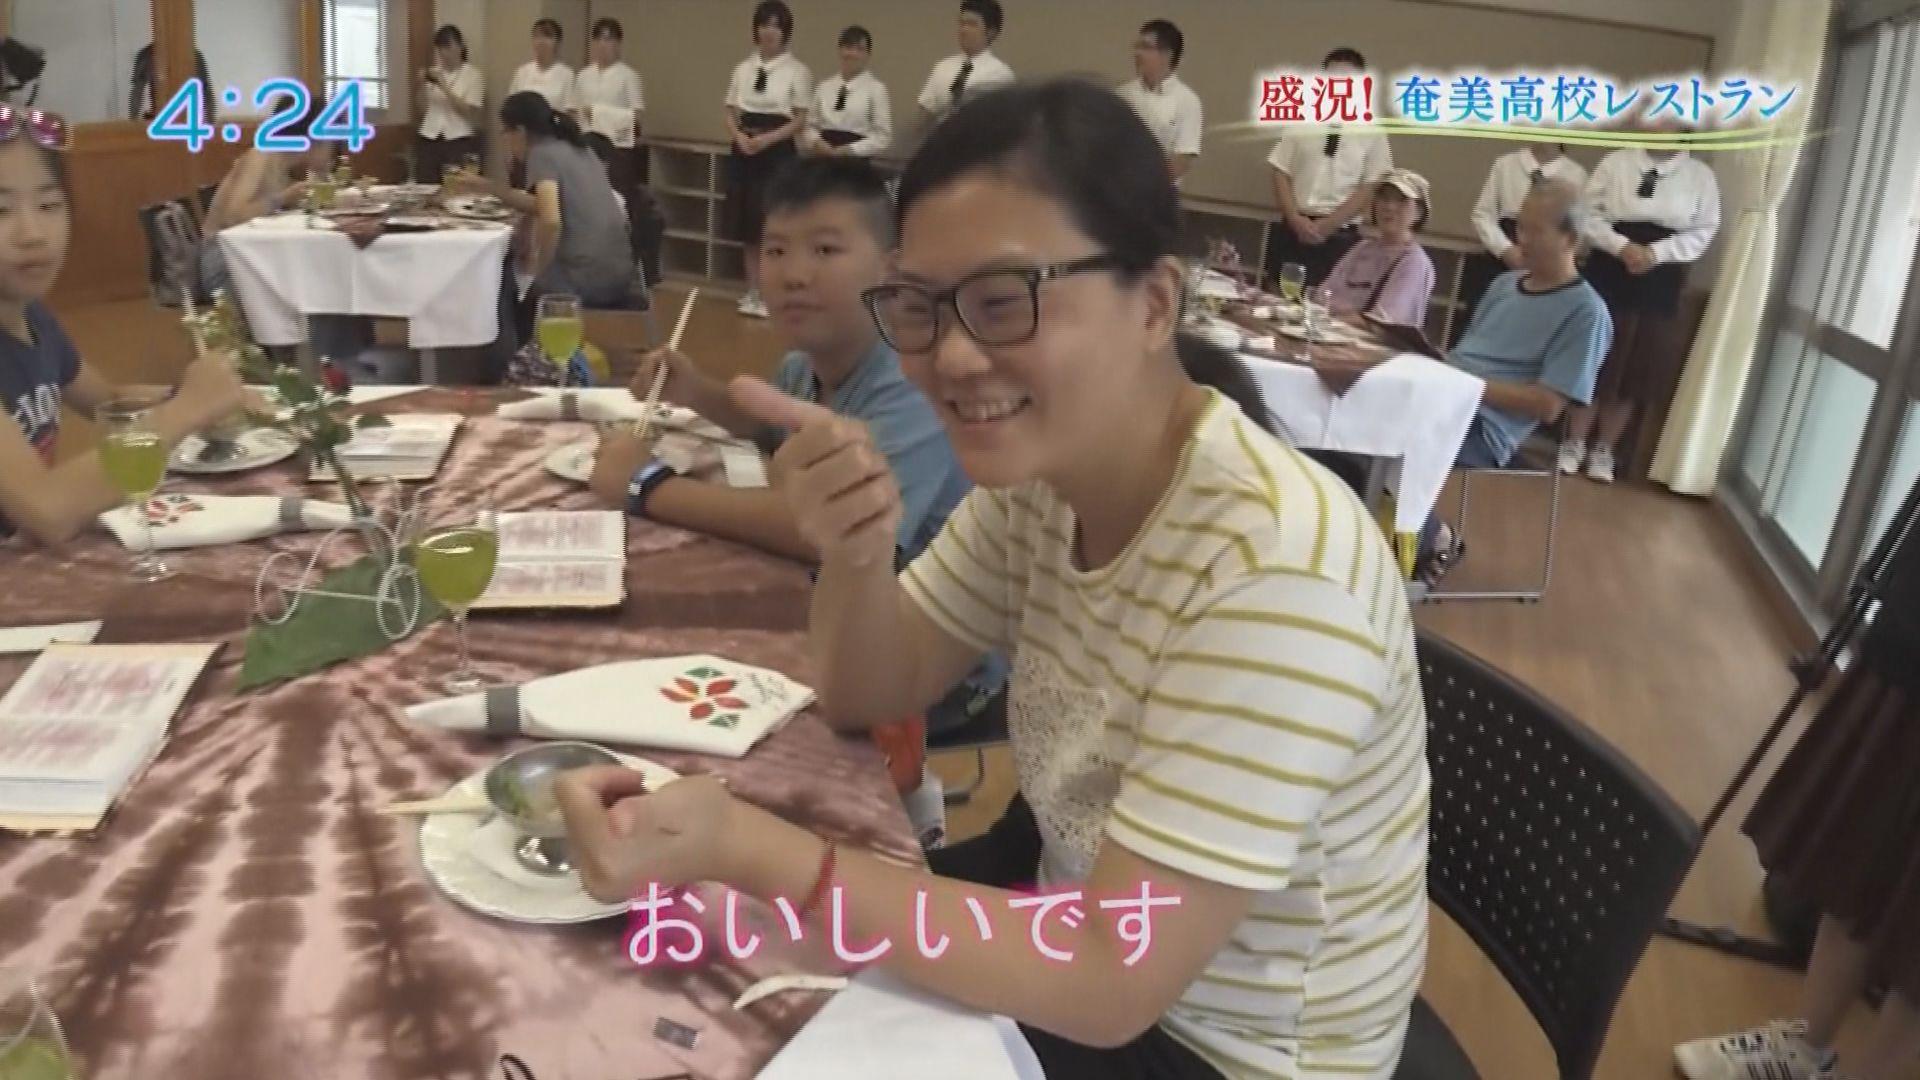 盛況!奄美高校レストラン